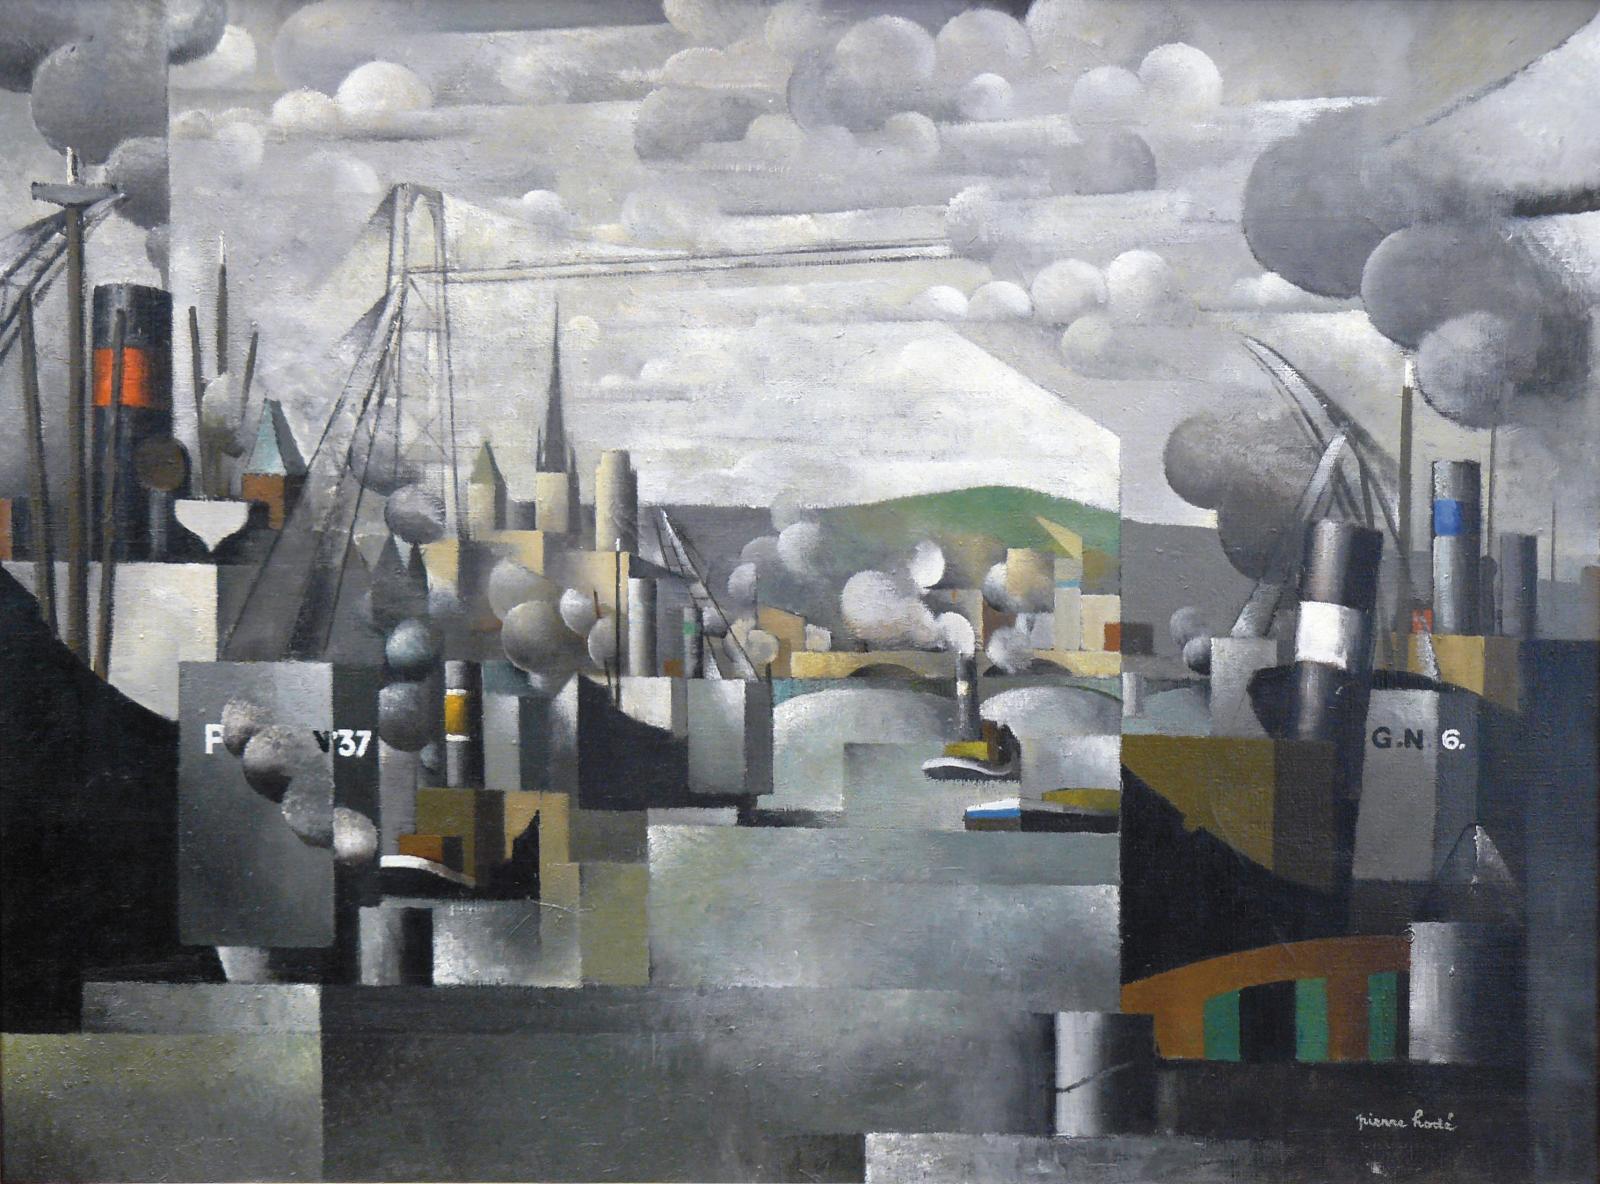 Pierre Hodé (1889-1942), Le Port de Rouen, 1924, huile sur toile signée en bas à droite et désignée au dos sur la toile, 97x130cm. Adju